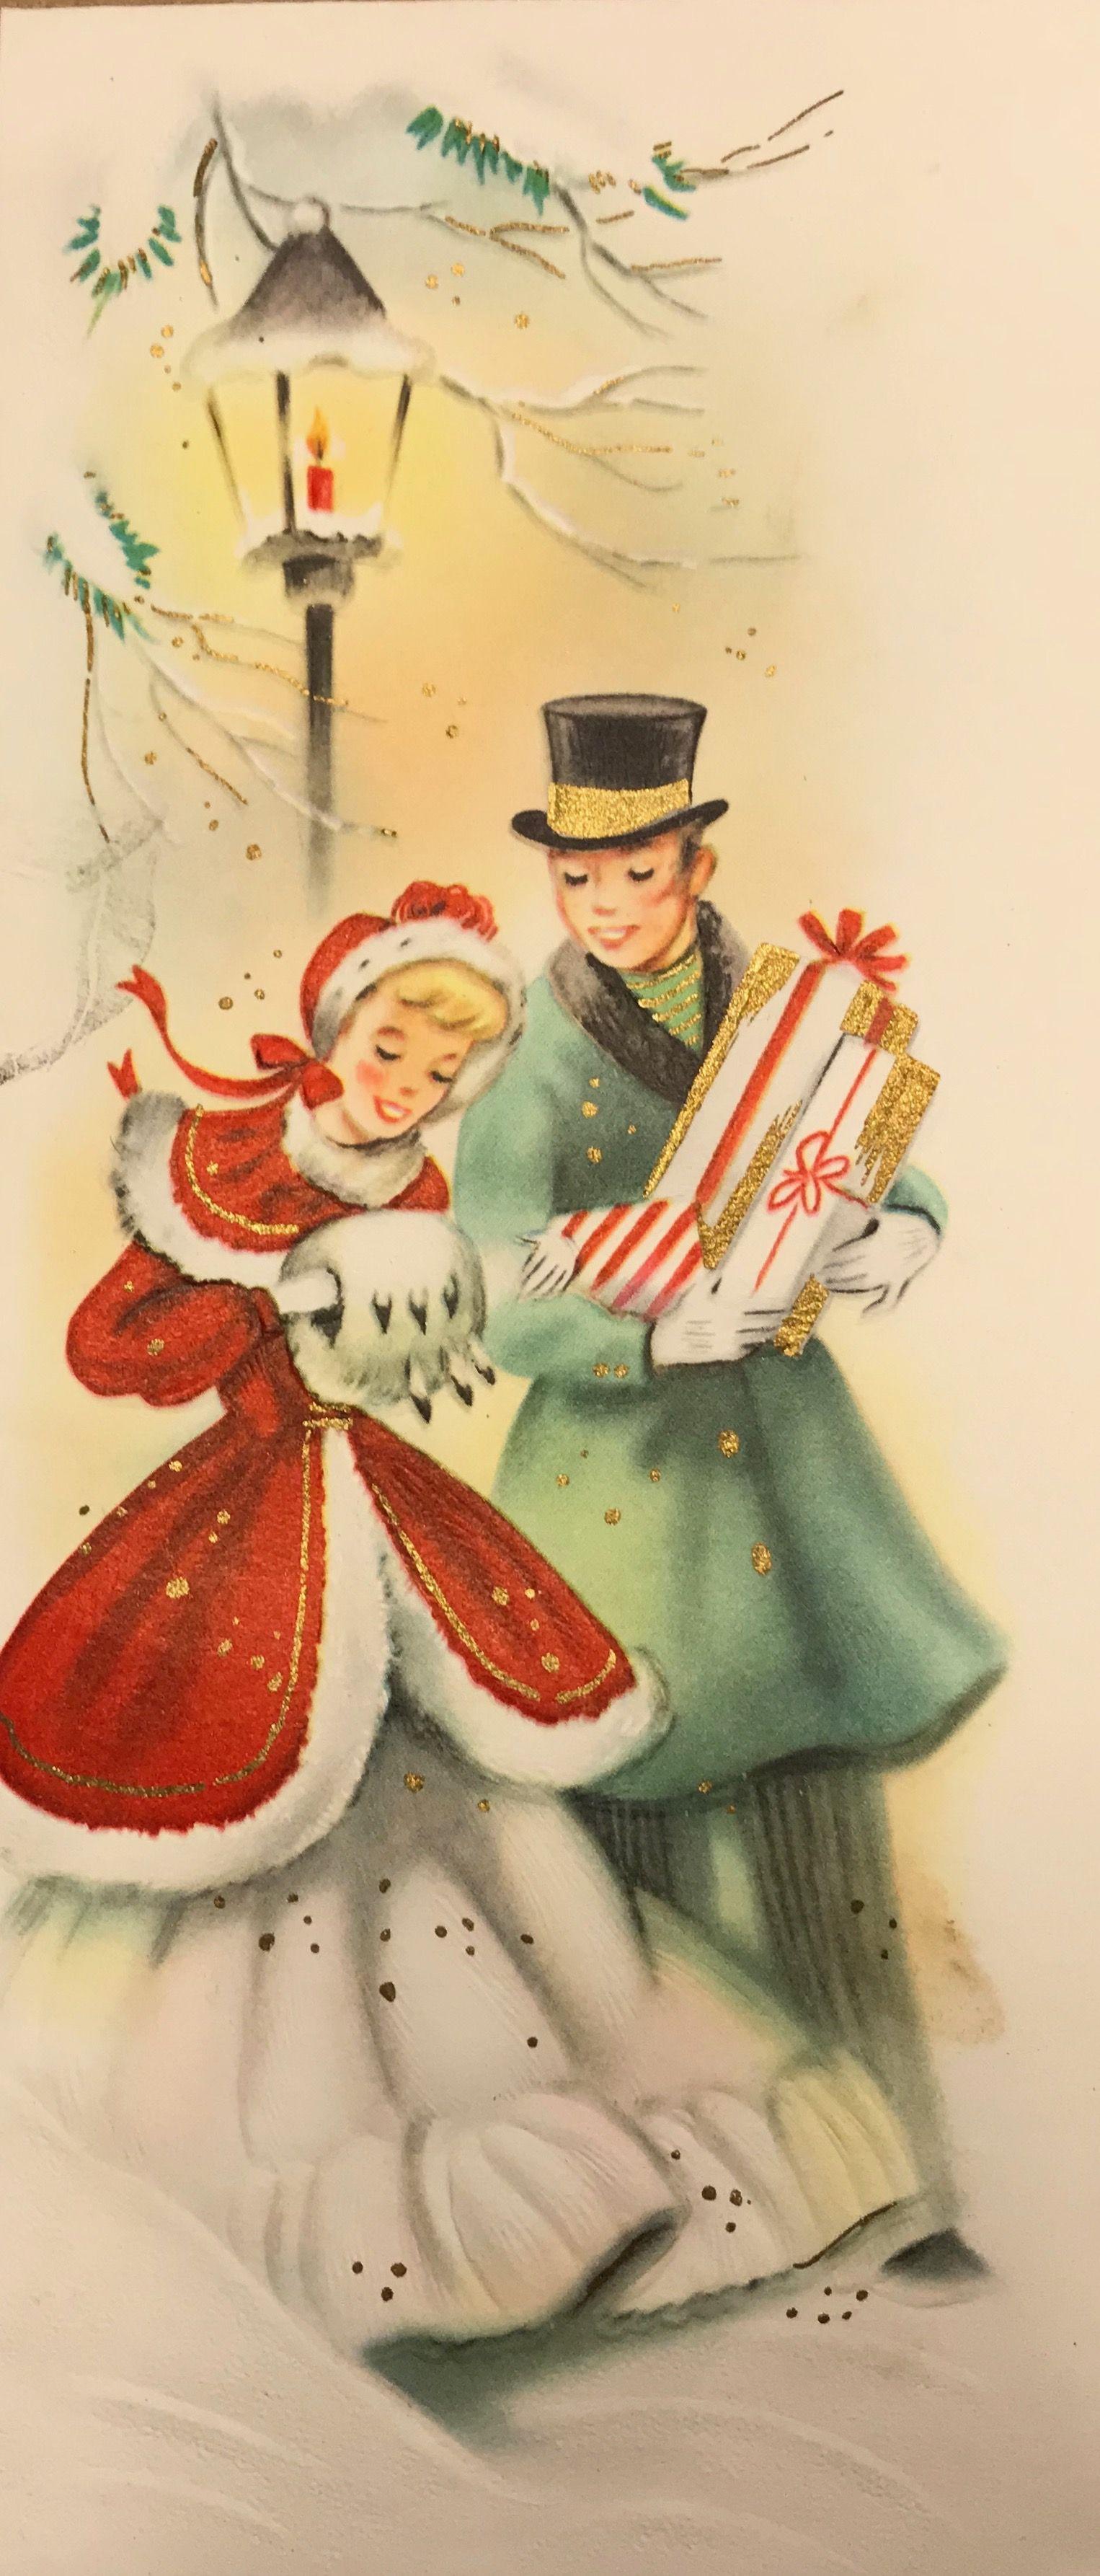 Auguri Di Natale Anni 50.Pin Von Nino Auf Biglietti Di Natale Natale Vintage Biglietti Di